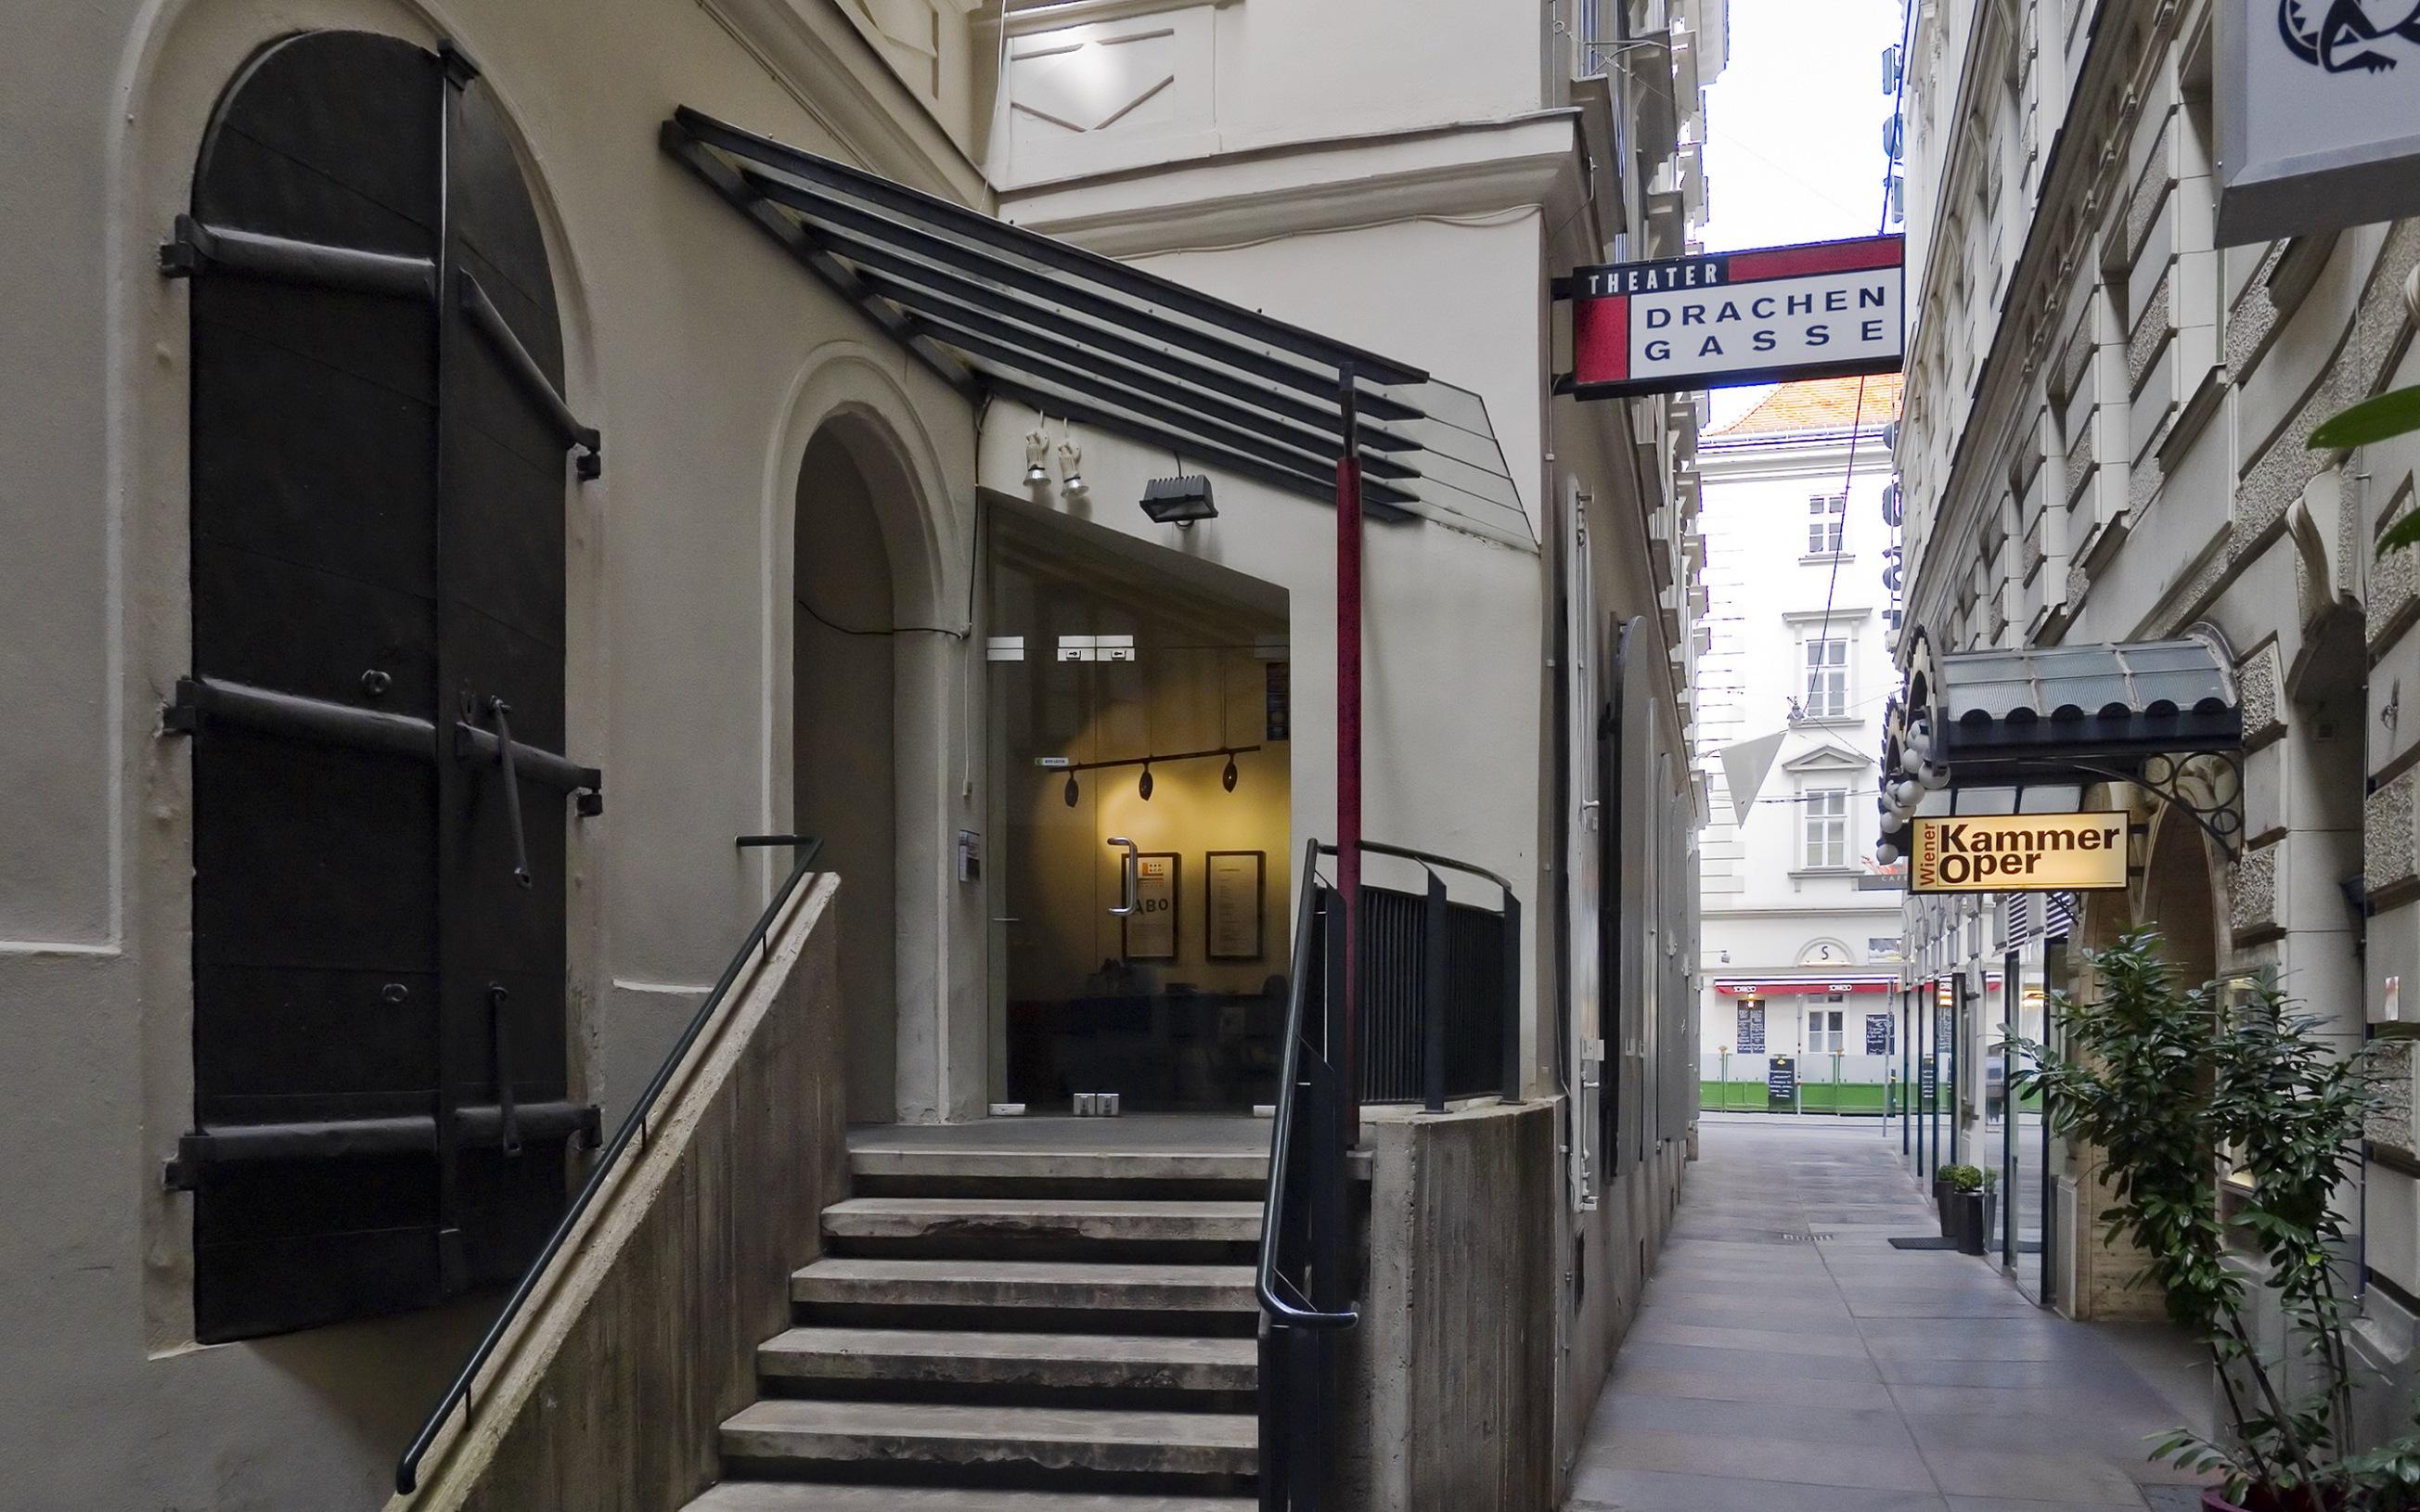 de:Theater Drachengasse in Wien 1